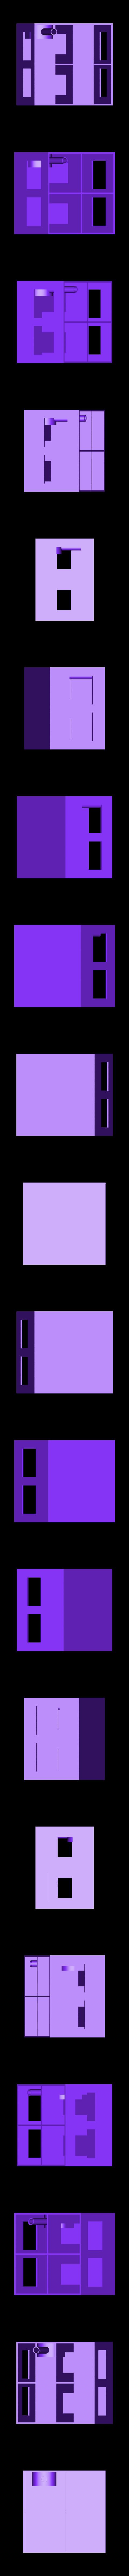 House_GroundFloor.stl Télécharger fichier STL gratuit Maison • Design à imprimer en 3D, Lisu_001